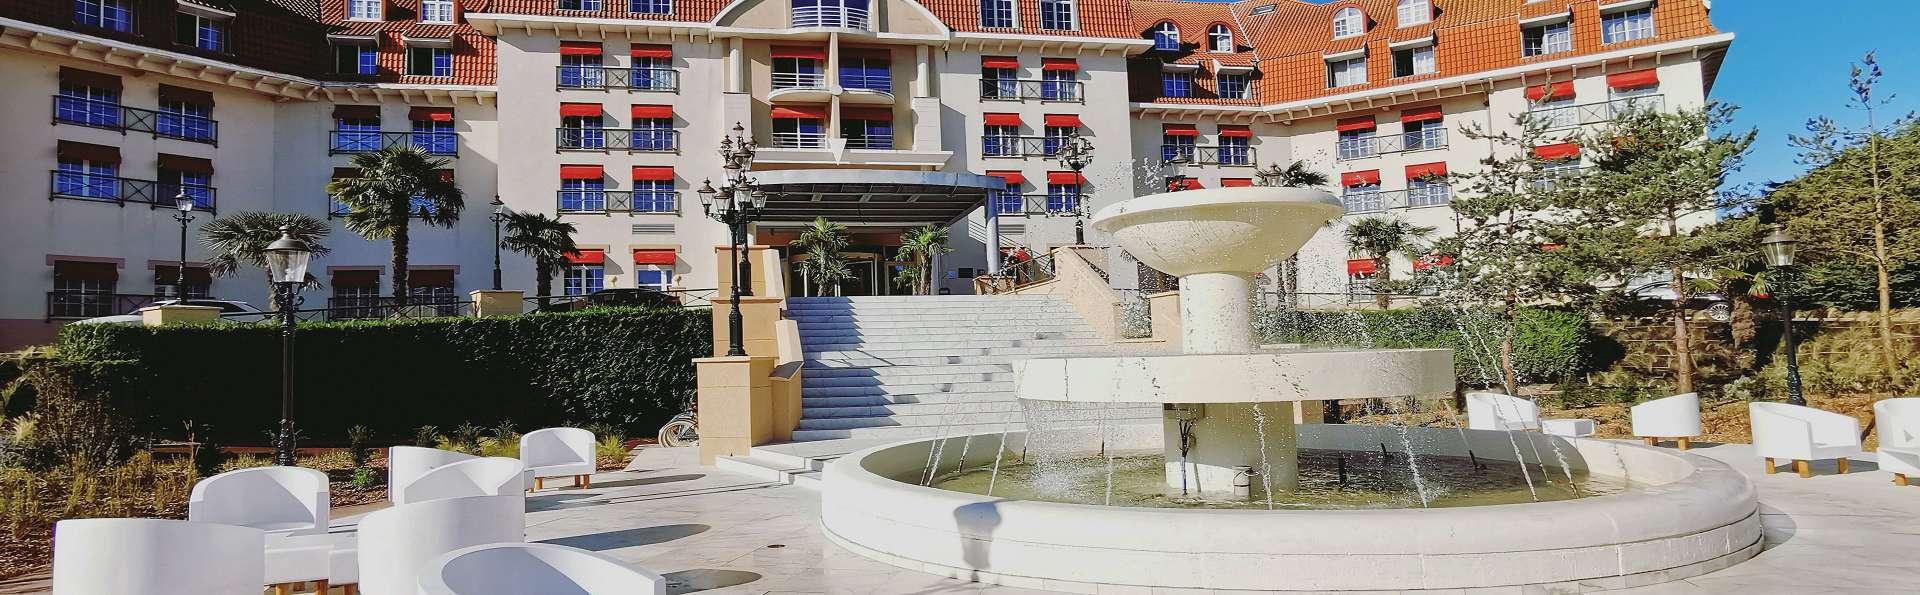 Le Grand Hôtel Le Touquet-Paris-Plage - Facade_Le_Grand_Hotel.jpg